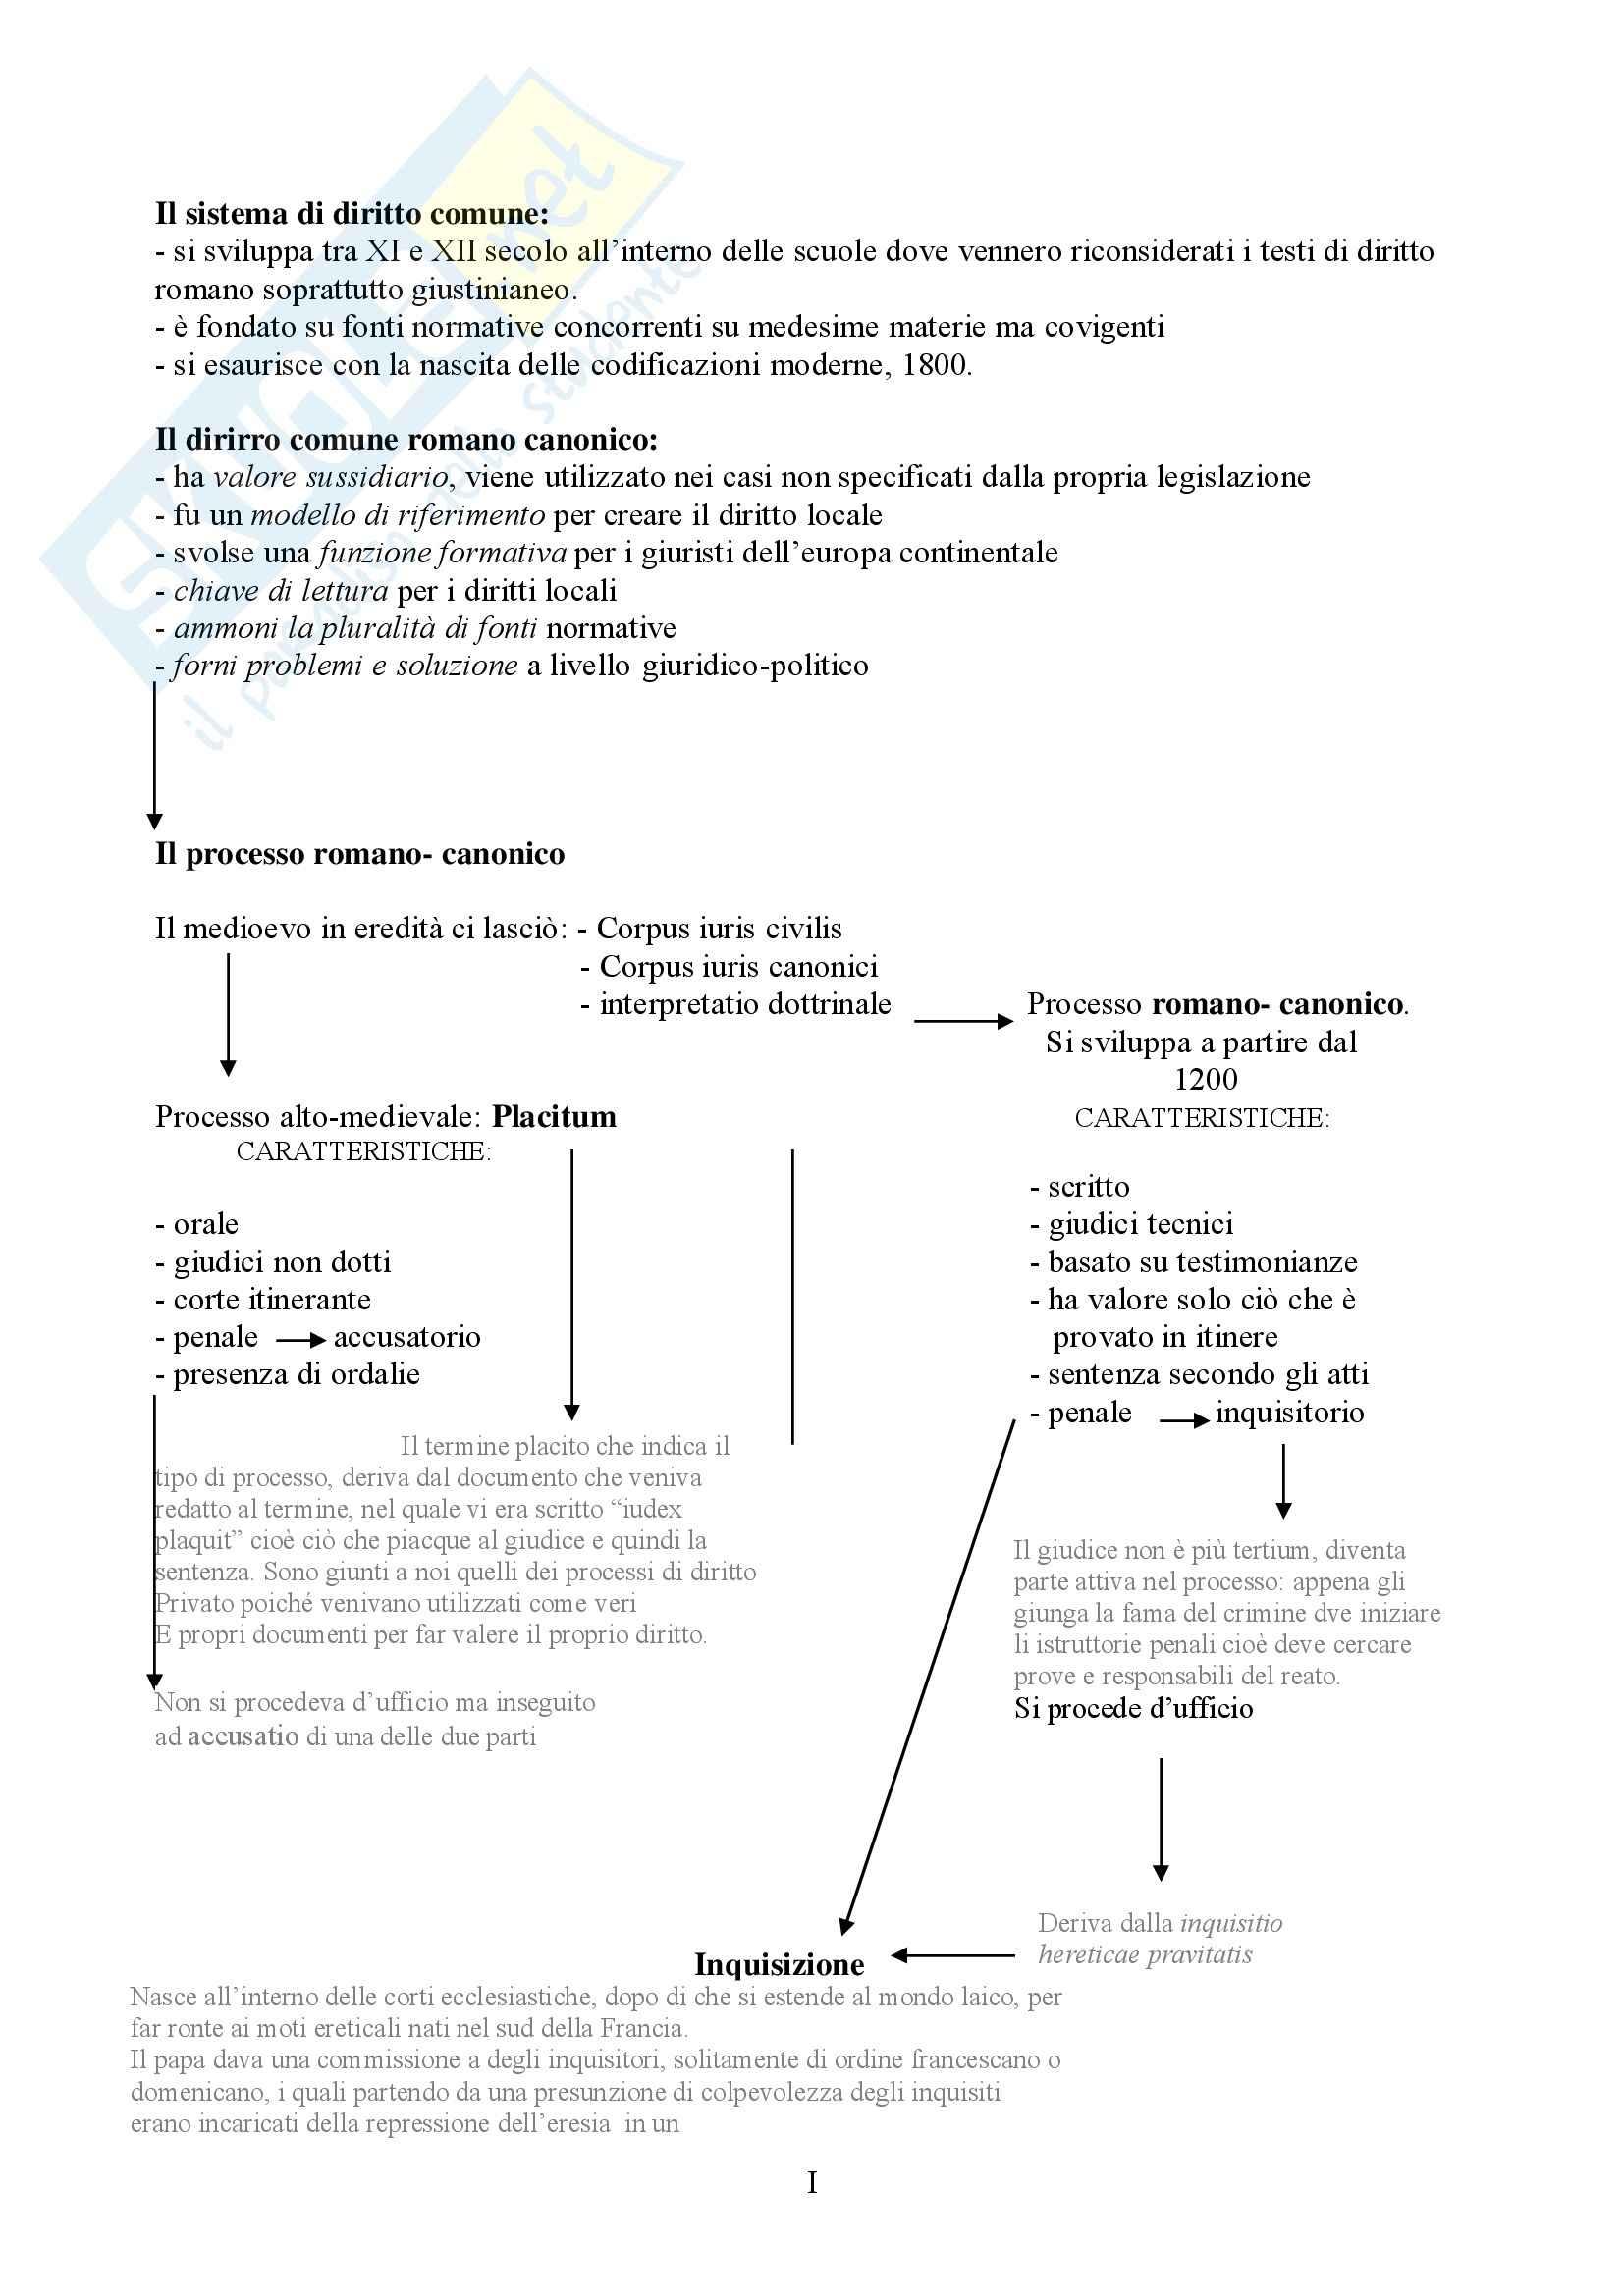 appunto M. Ascheri Storia del diritto processuale e degli ordinamenti giudiziari